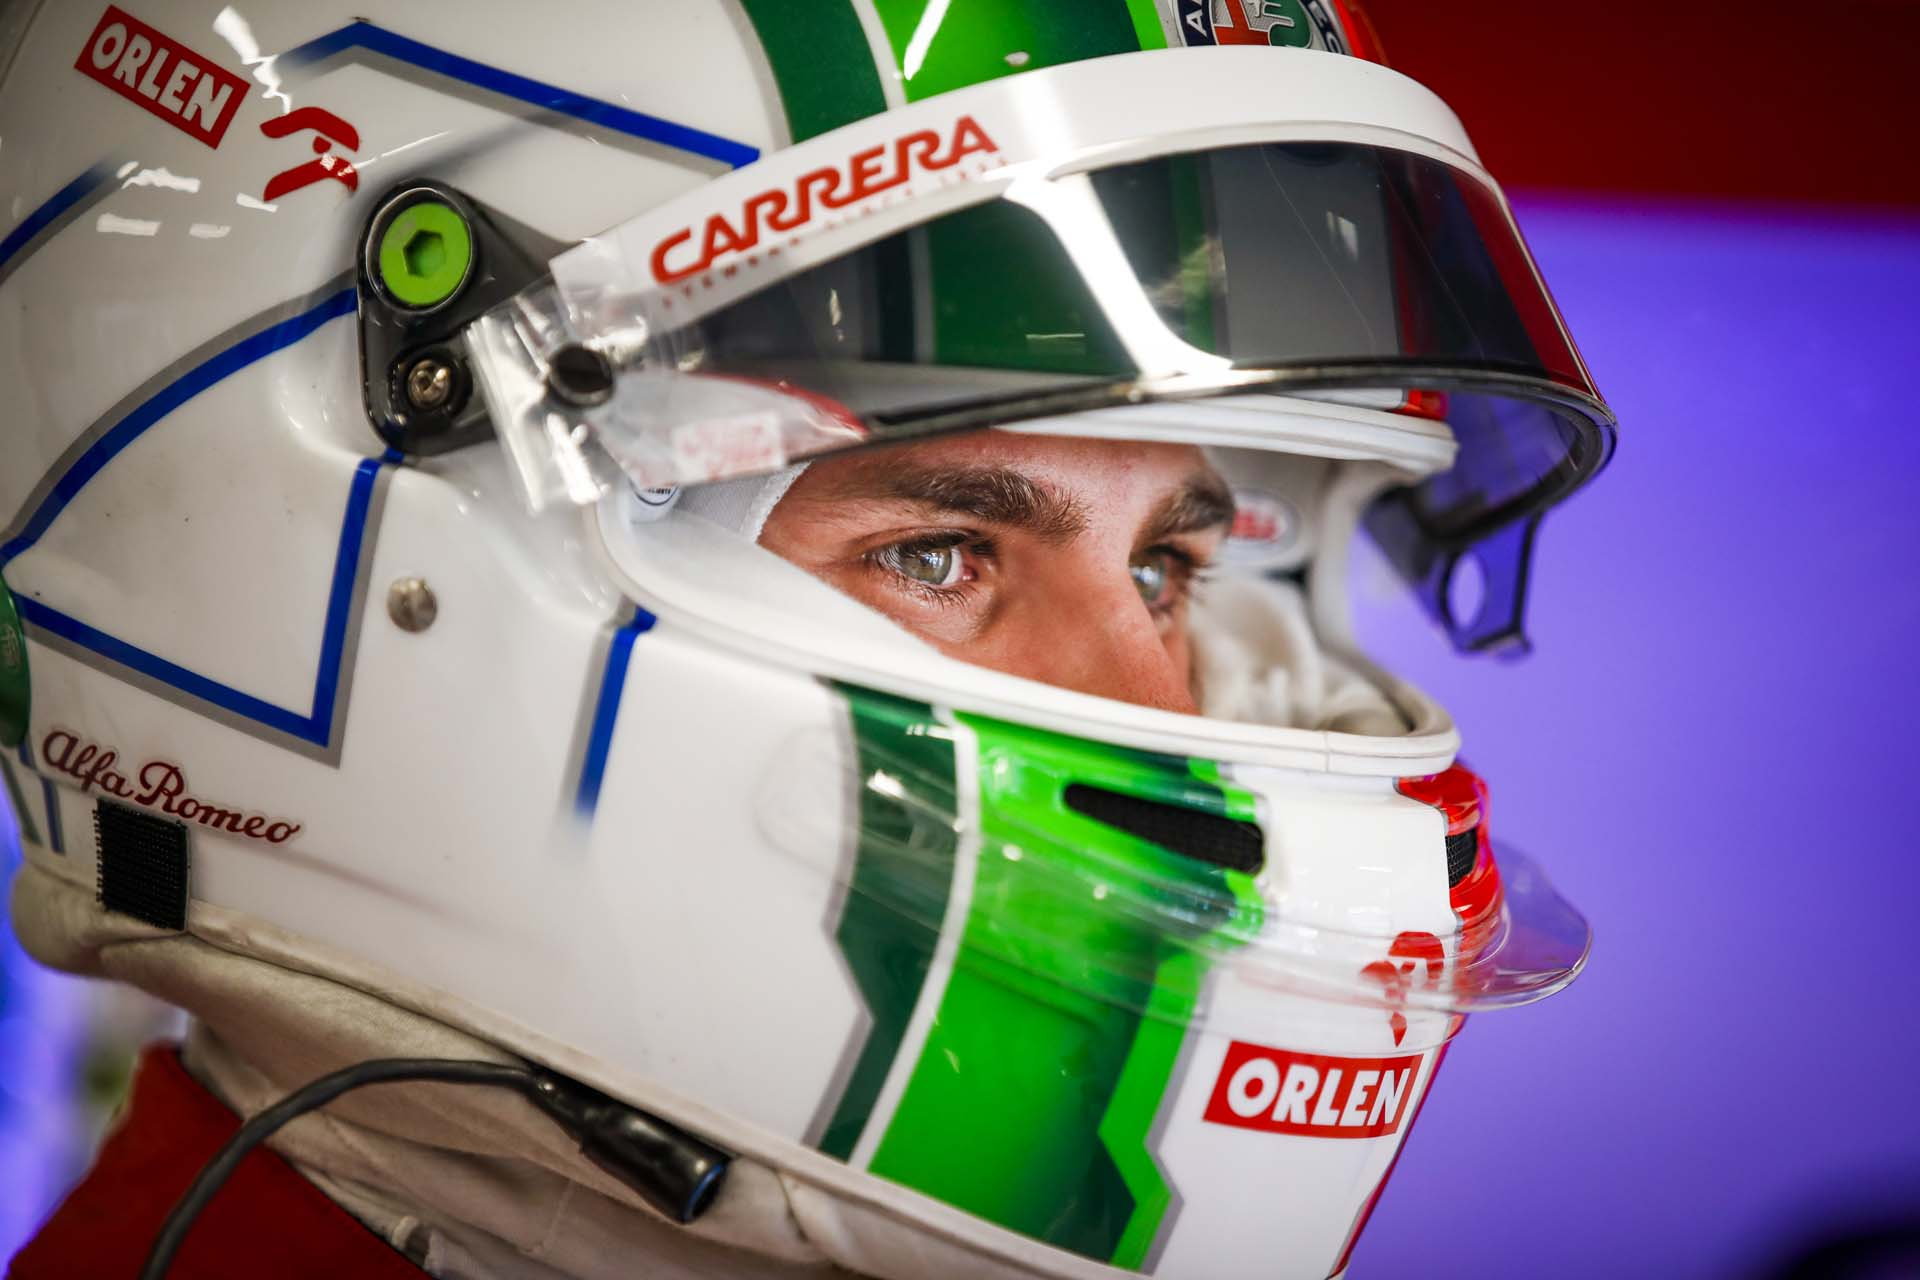 F1 - SPANISH GRAND PRIX 2020